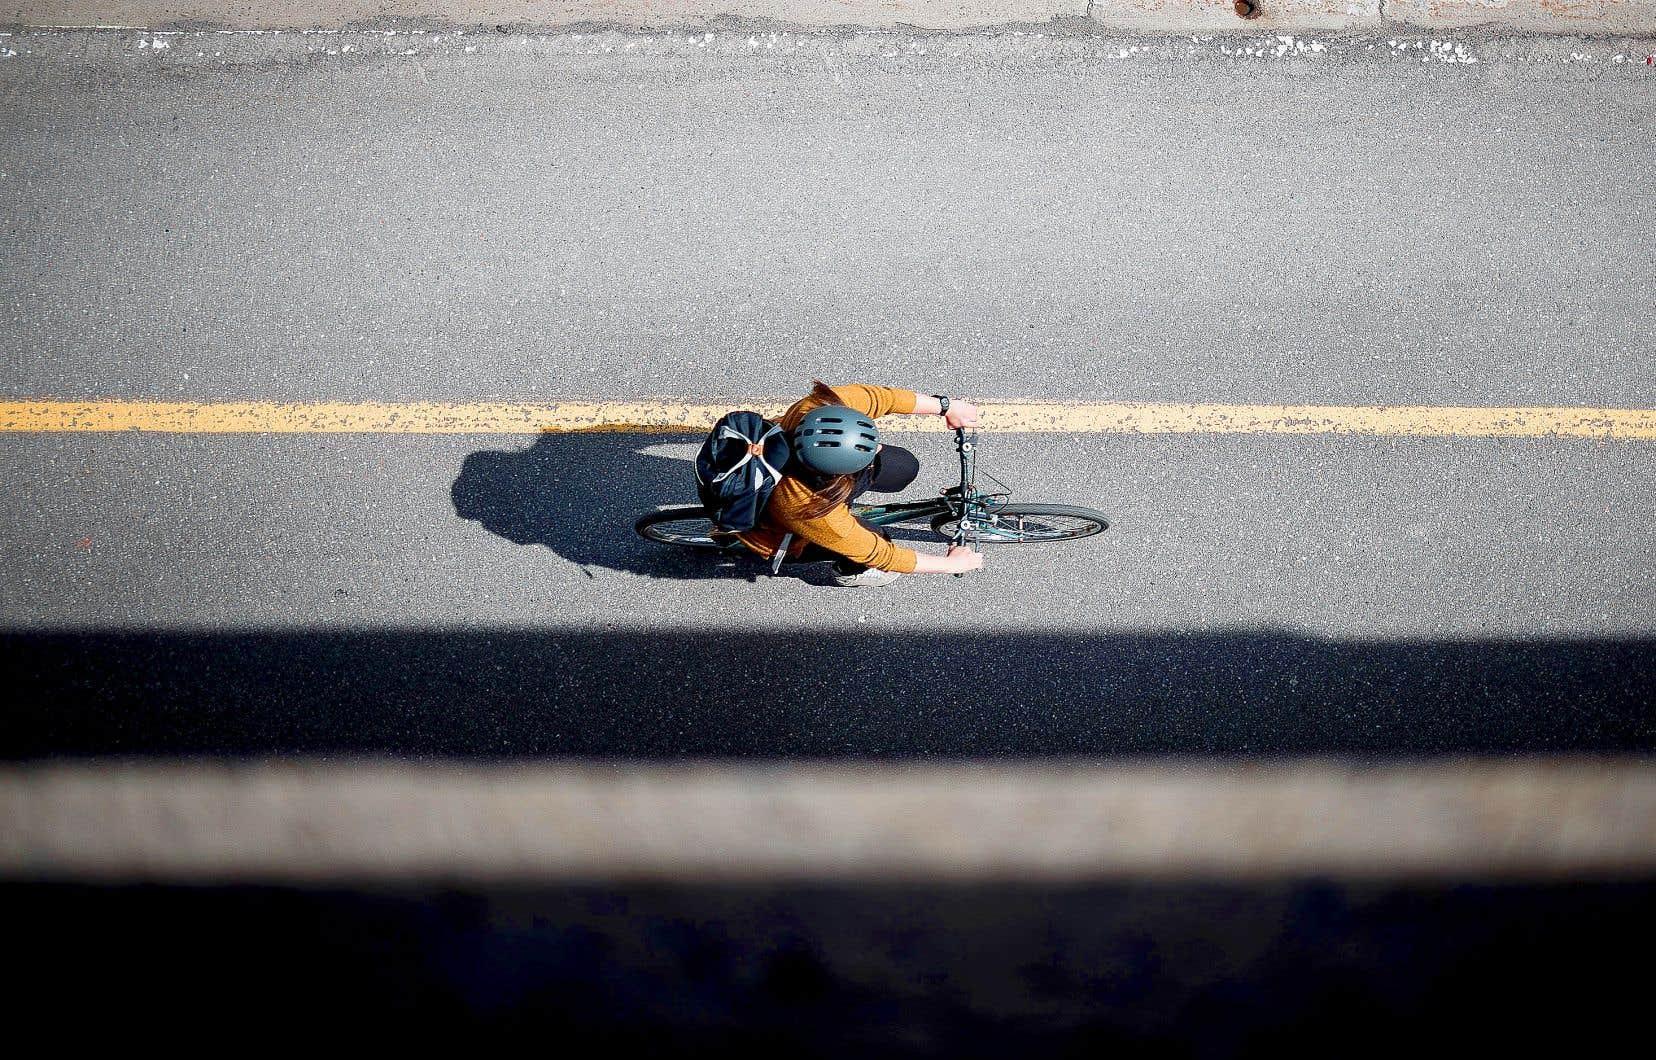 Selon le SPVM, il s'agit du troisième décès d'un cycliste sur la route à Montréal depuis le début de l'année, contre un l'an dernier et aucun en 2019.